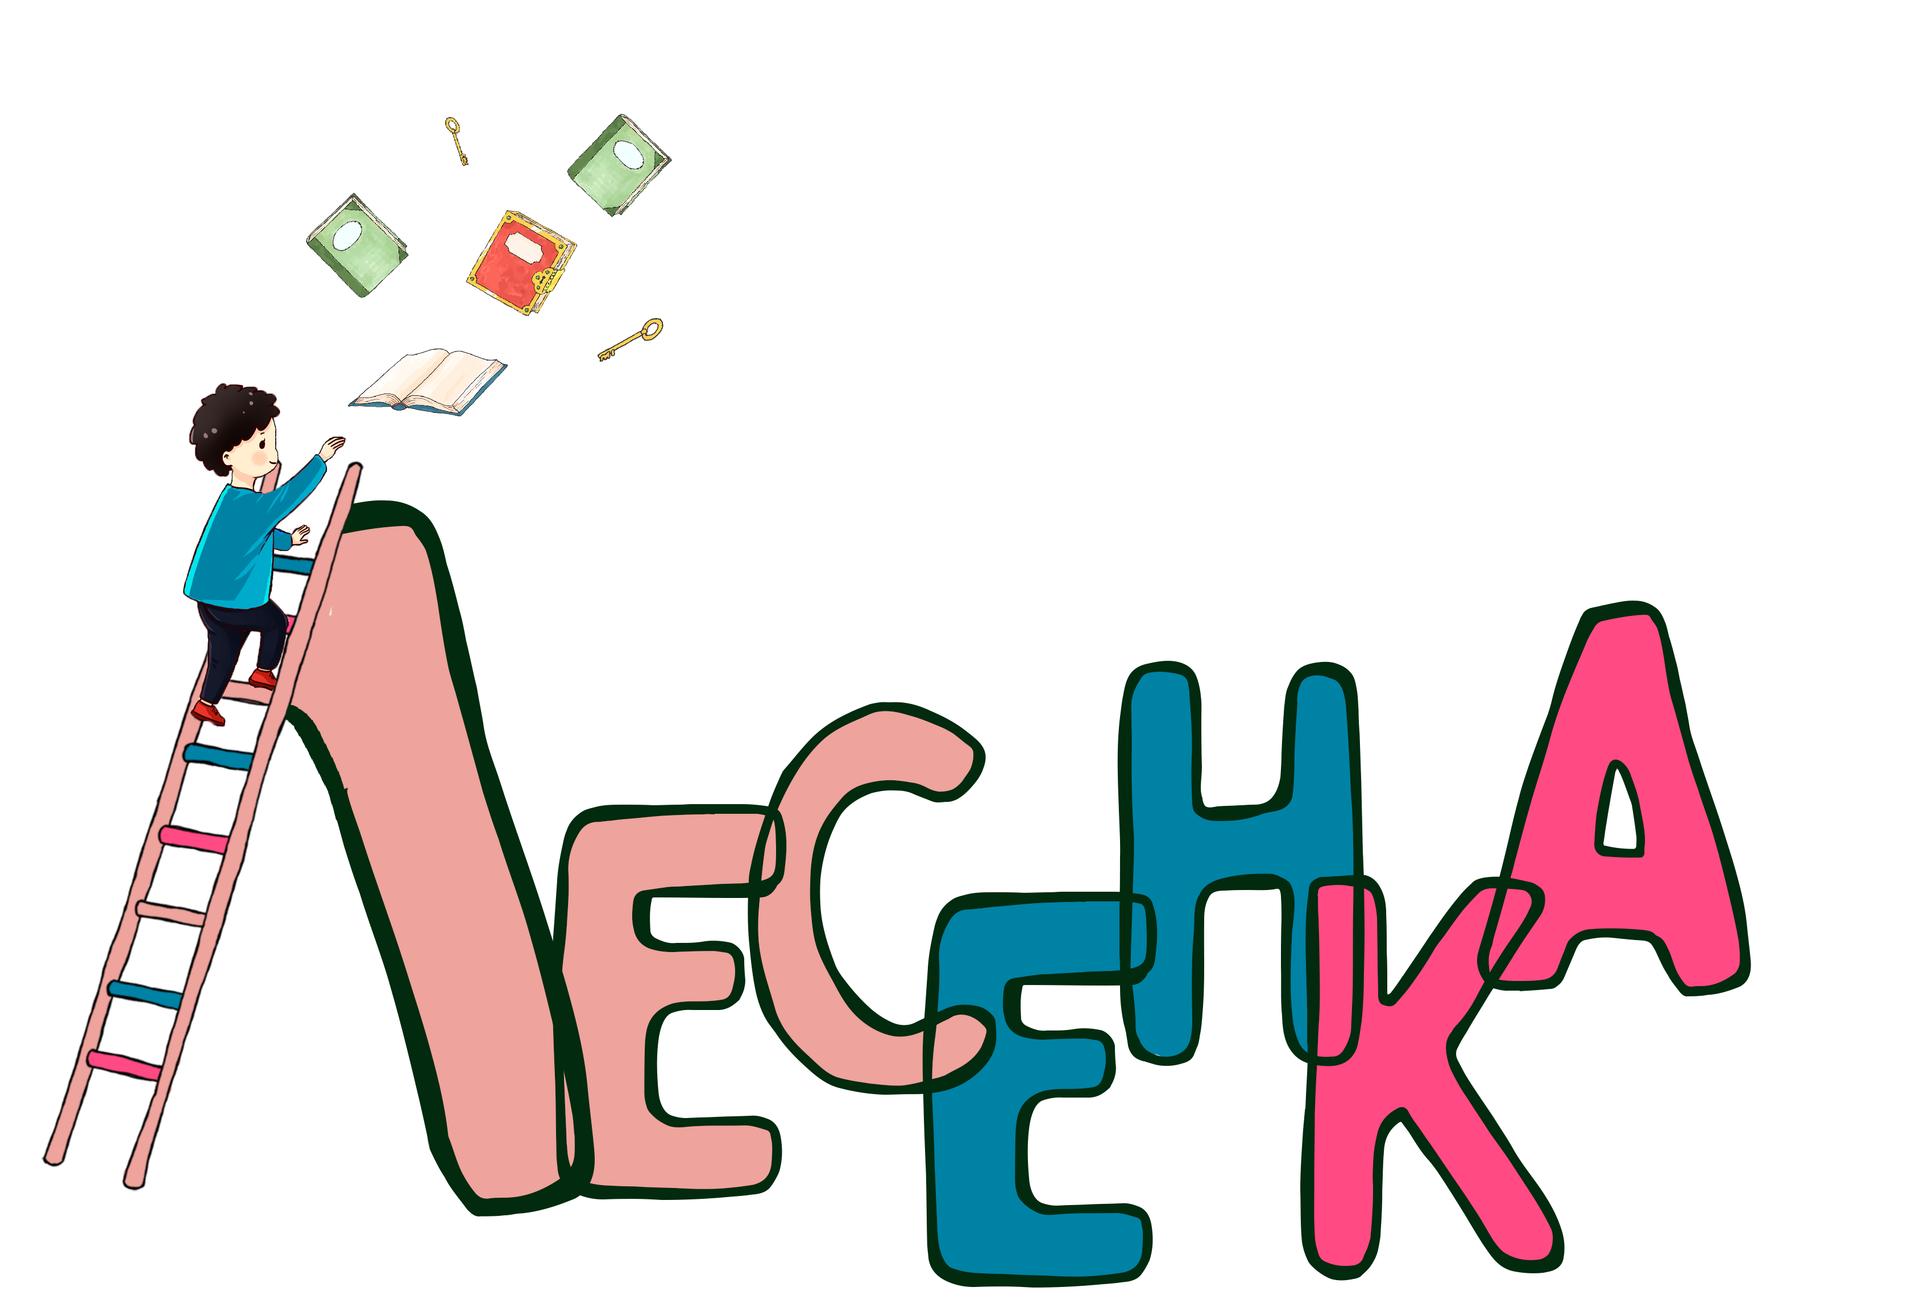 """Развивающие занятия для детей, подготовка к школе от 24 руб/месяц в центре """"Лесенка"""""""